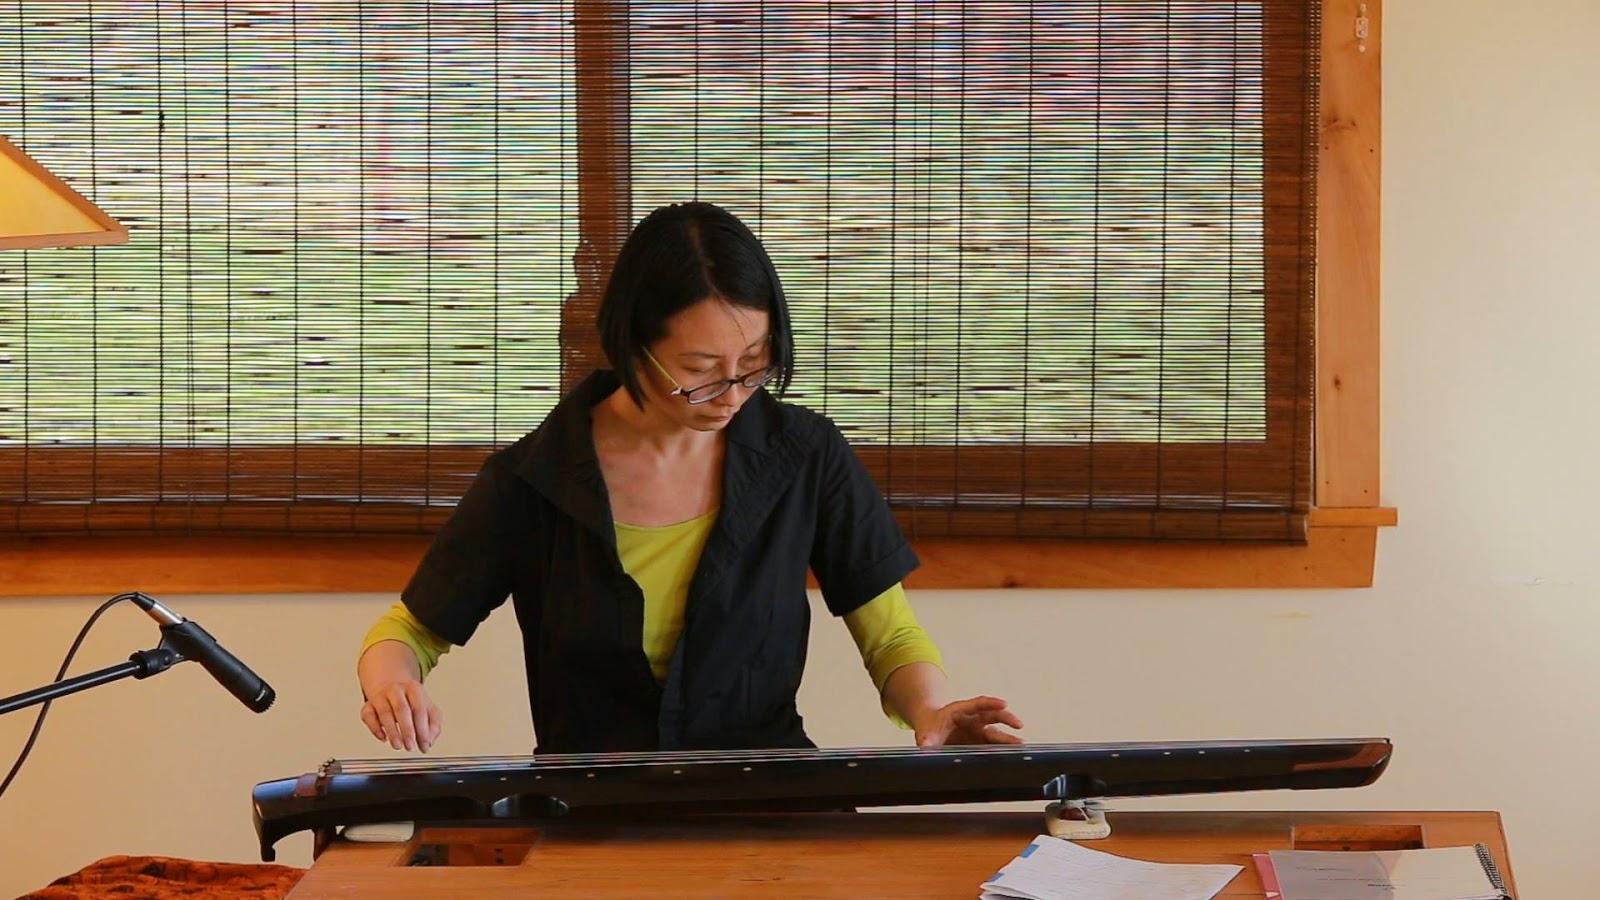 傳統古琴收音方式